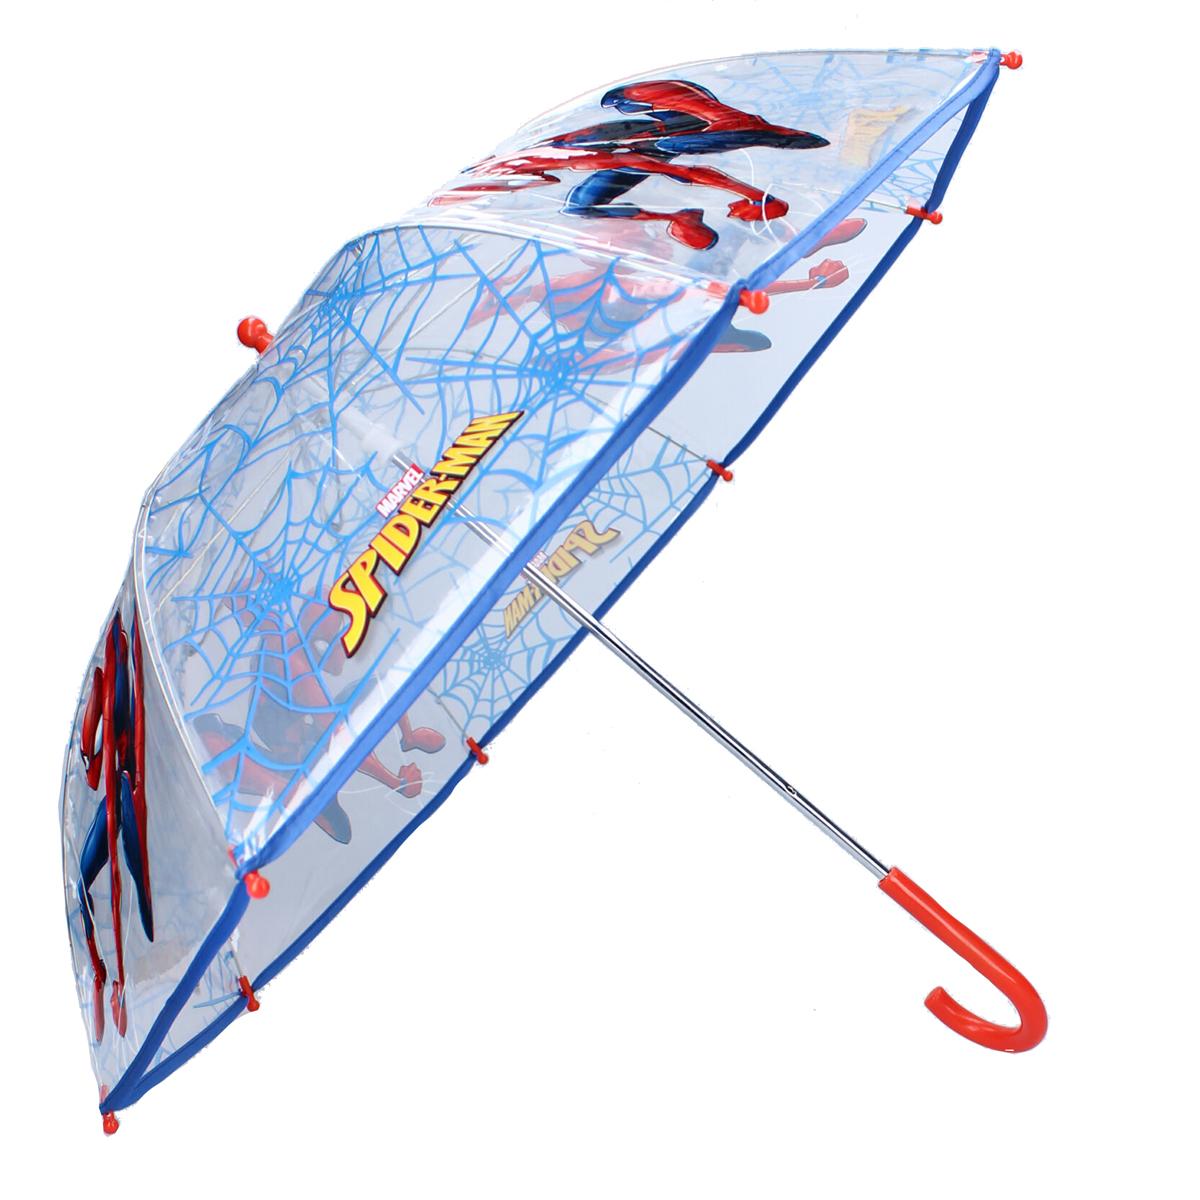 Parapluie canne pvc enfant \'Spiderman\' bleu - 61x73 cm - [A3063]